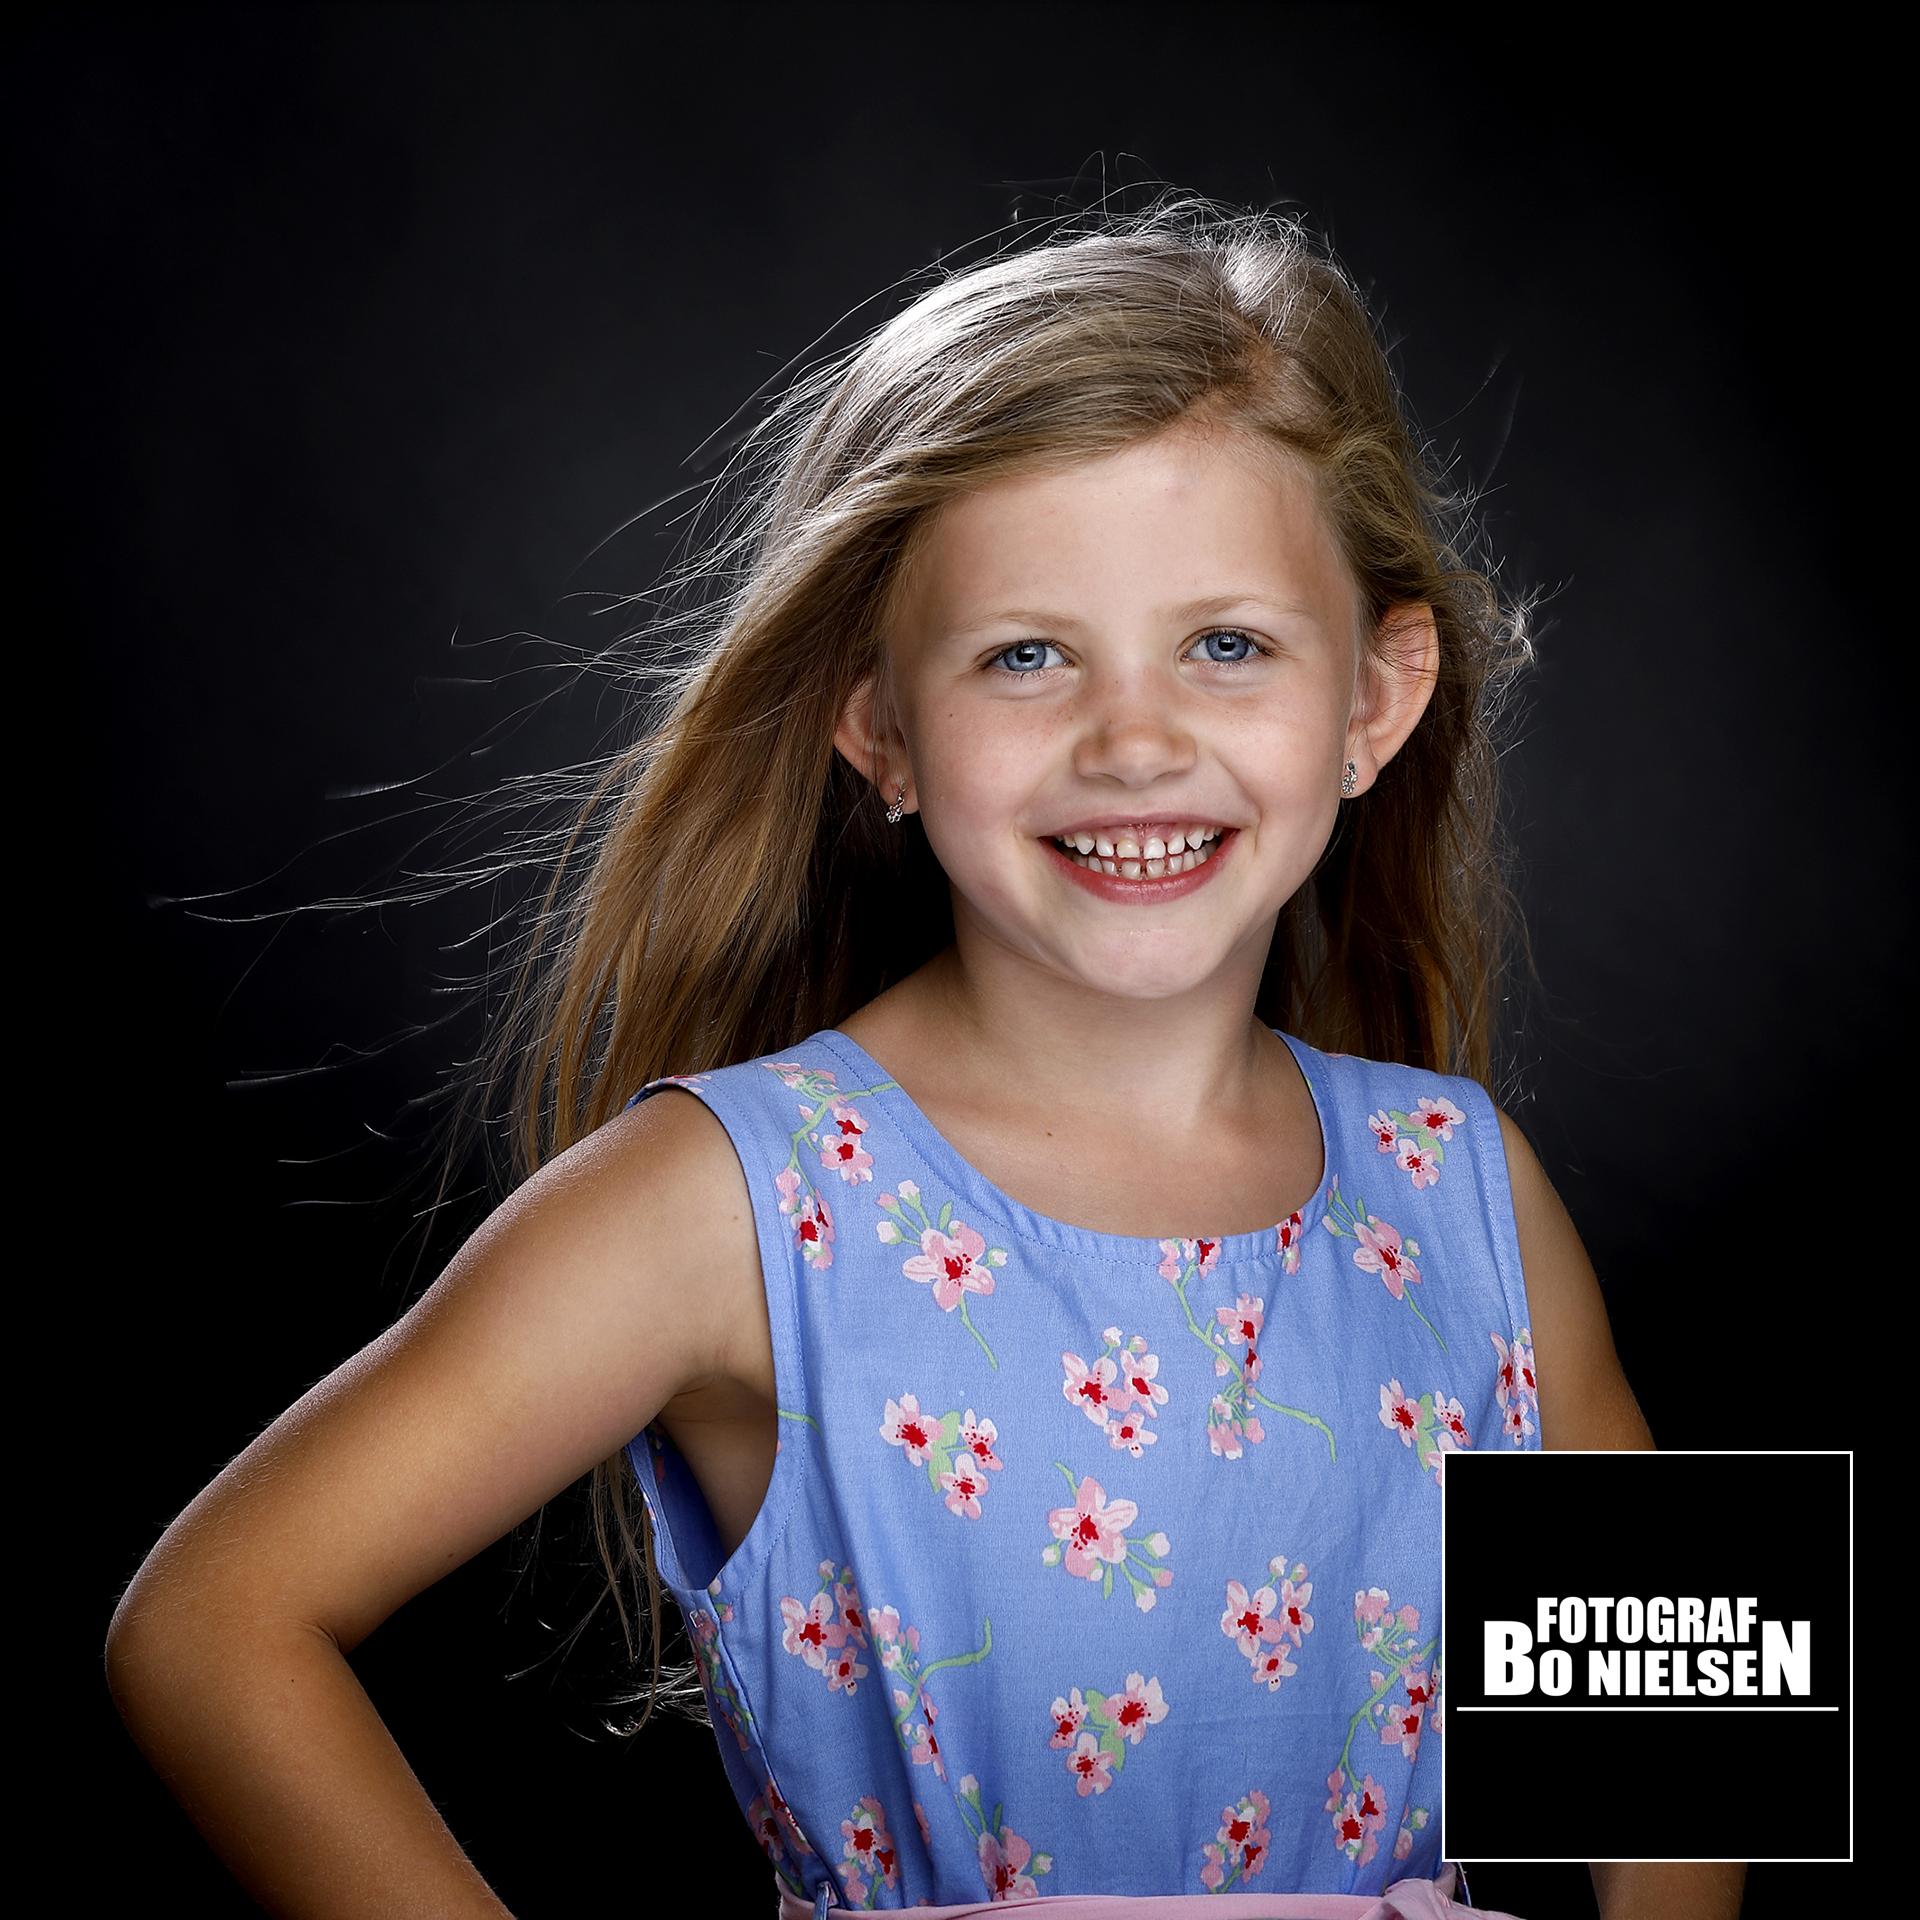 7 års billede, Charmetrold fotografering af Maliah. Fotograf Kolding, fotograferet af Fotograf Bo Nielsen i Kolding